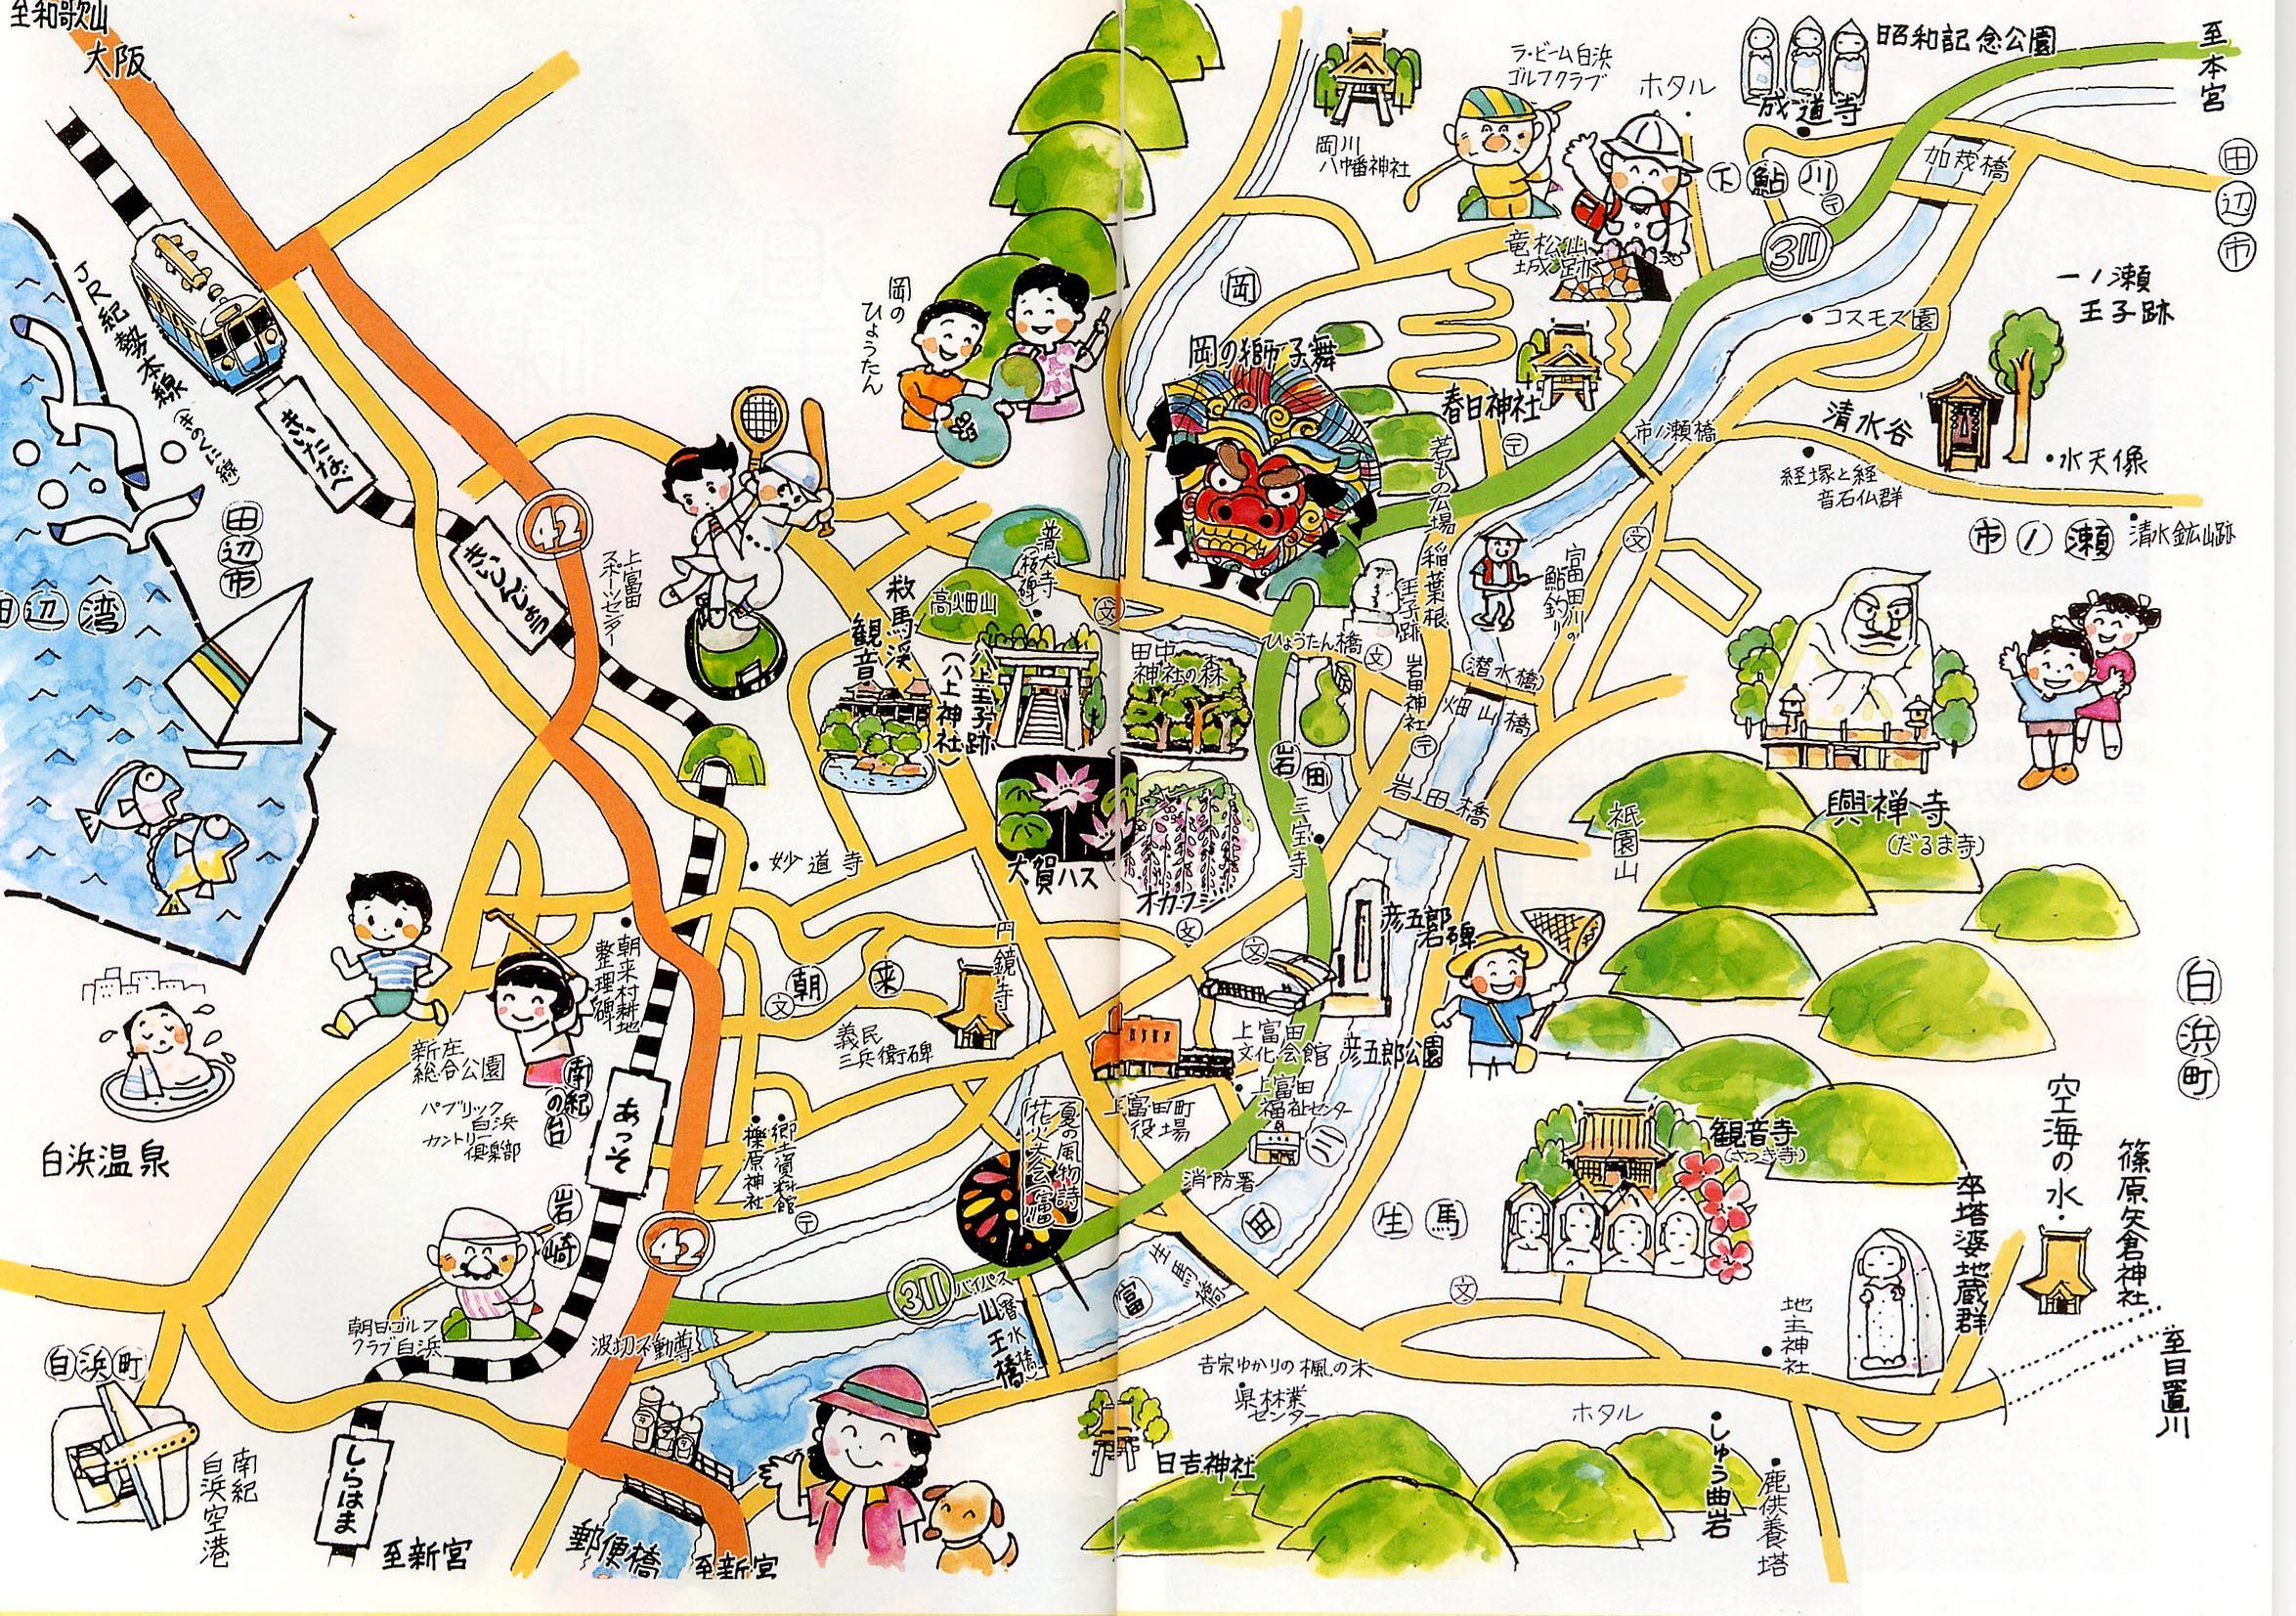 イラストマップ - google 検索 | イラストmap | pinterest | イラスト